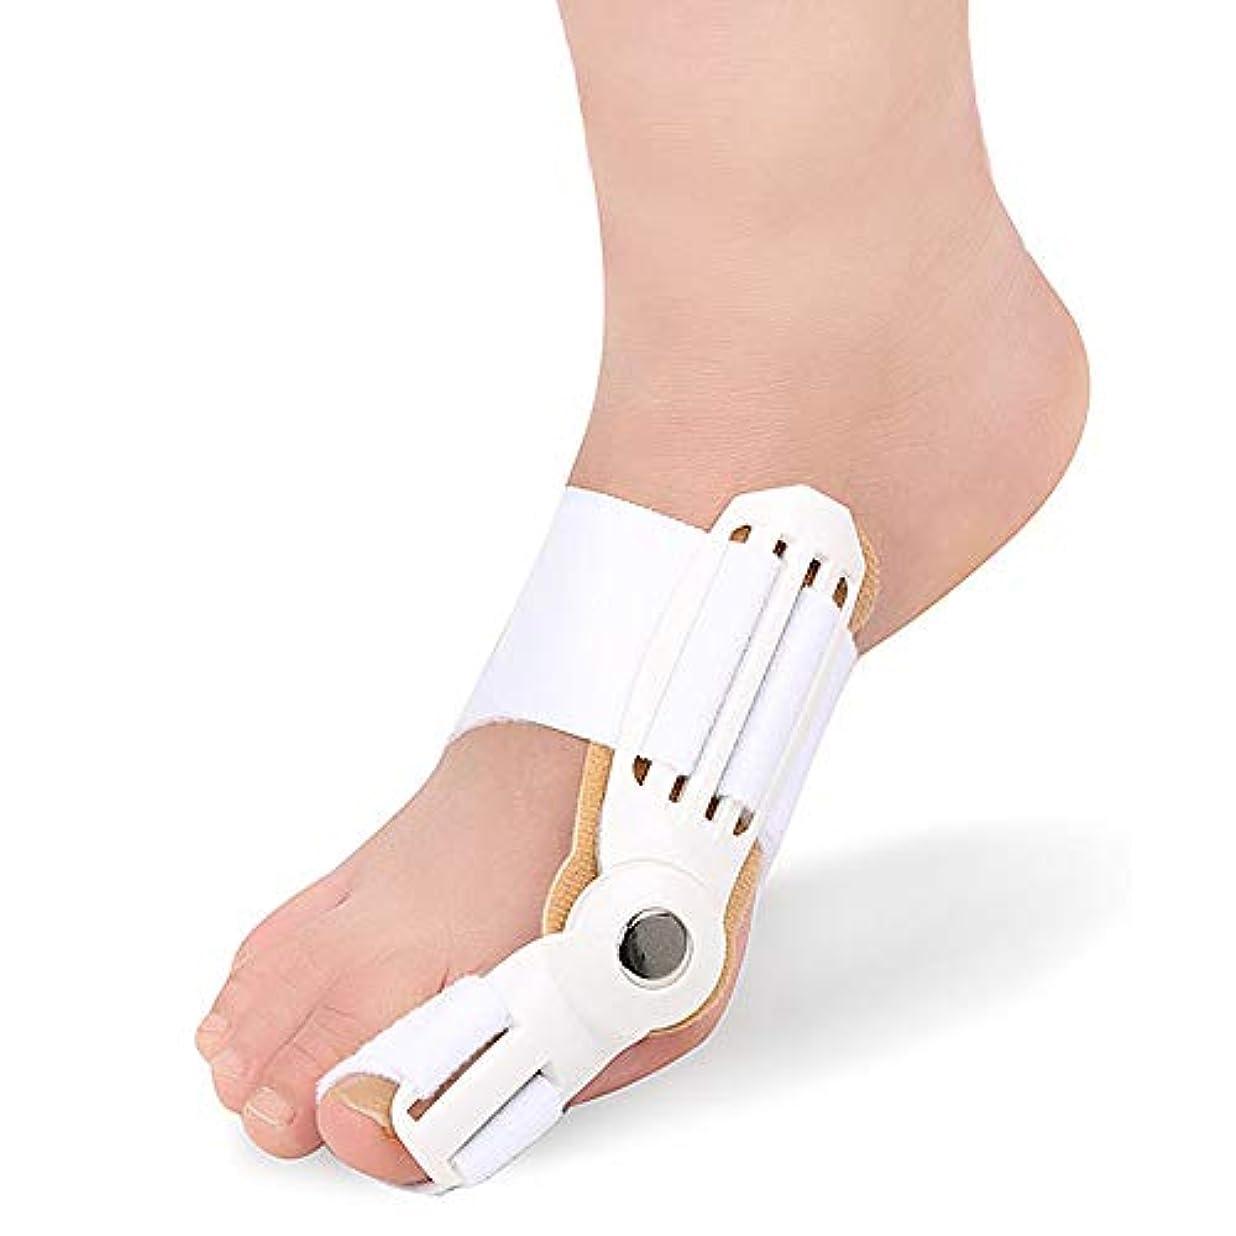 サンプルラベル規範つま先セパレーターは、ヨガのエクササイズ後のつま先重なりの腱板ユニバーサル左右ワンサイズ予防の痛みと変形を防ぎます,白